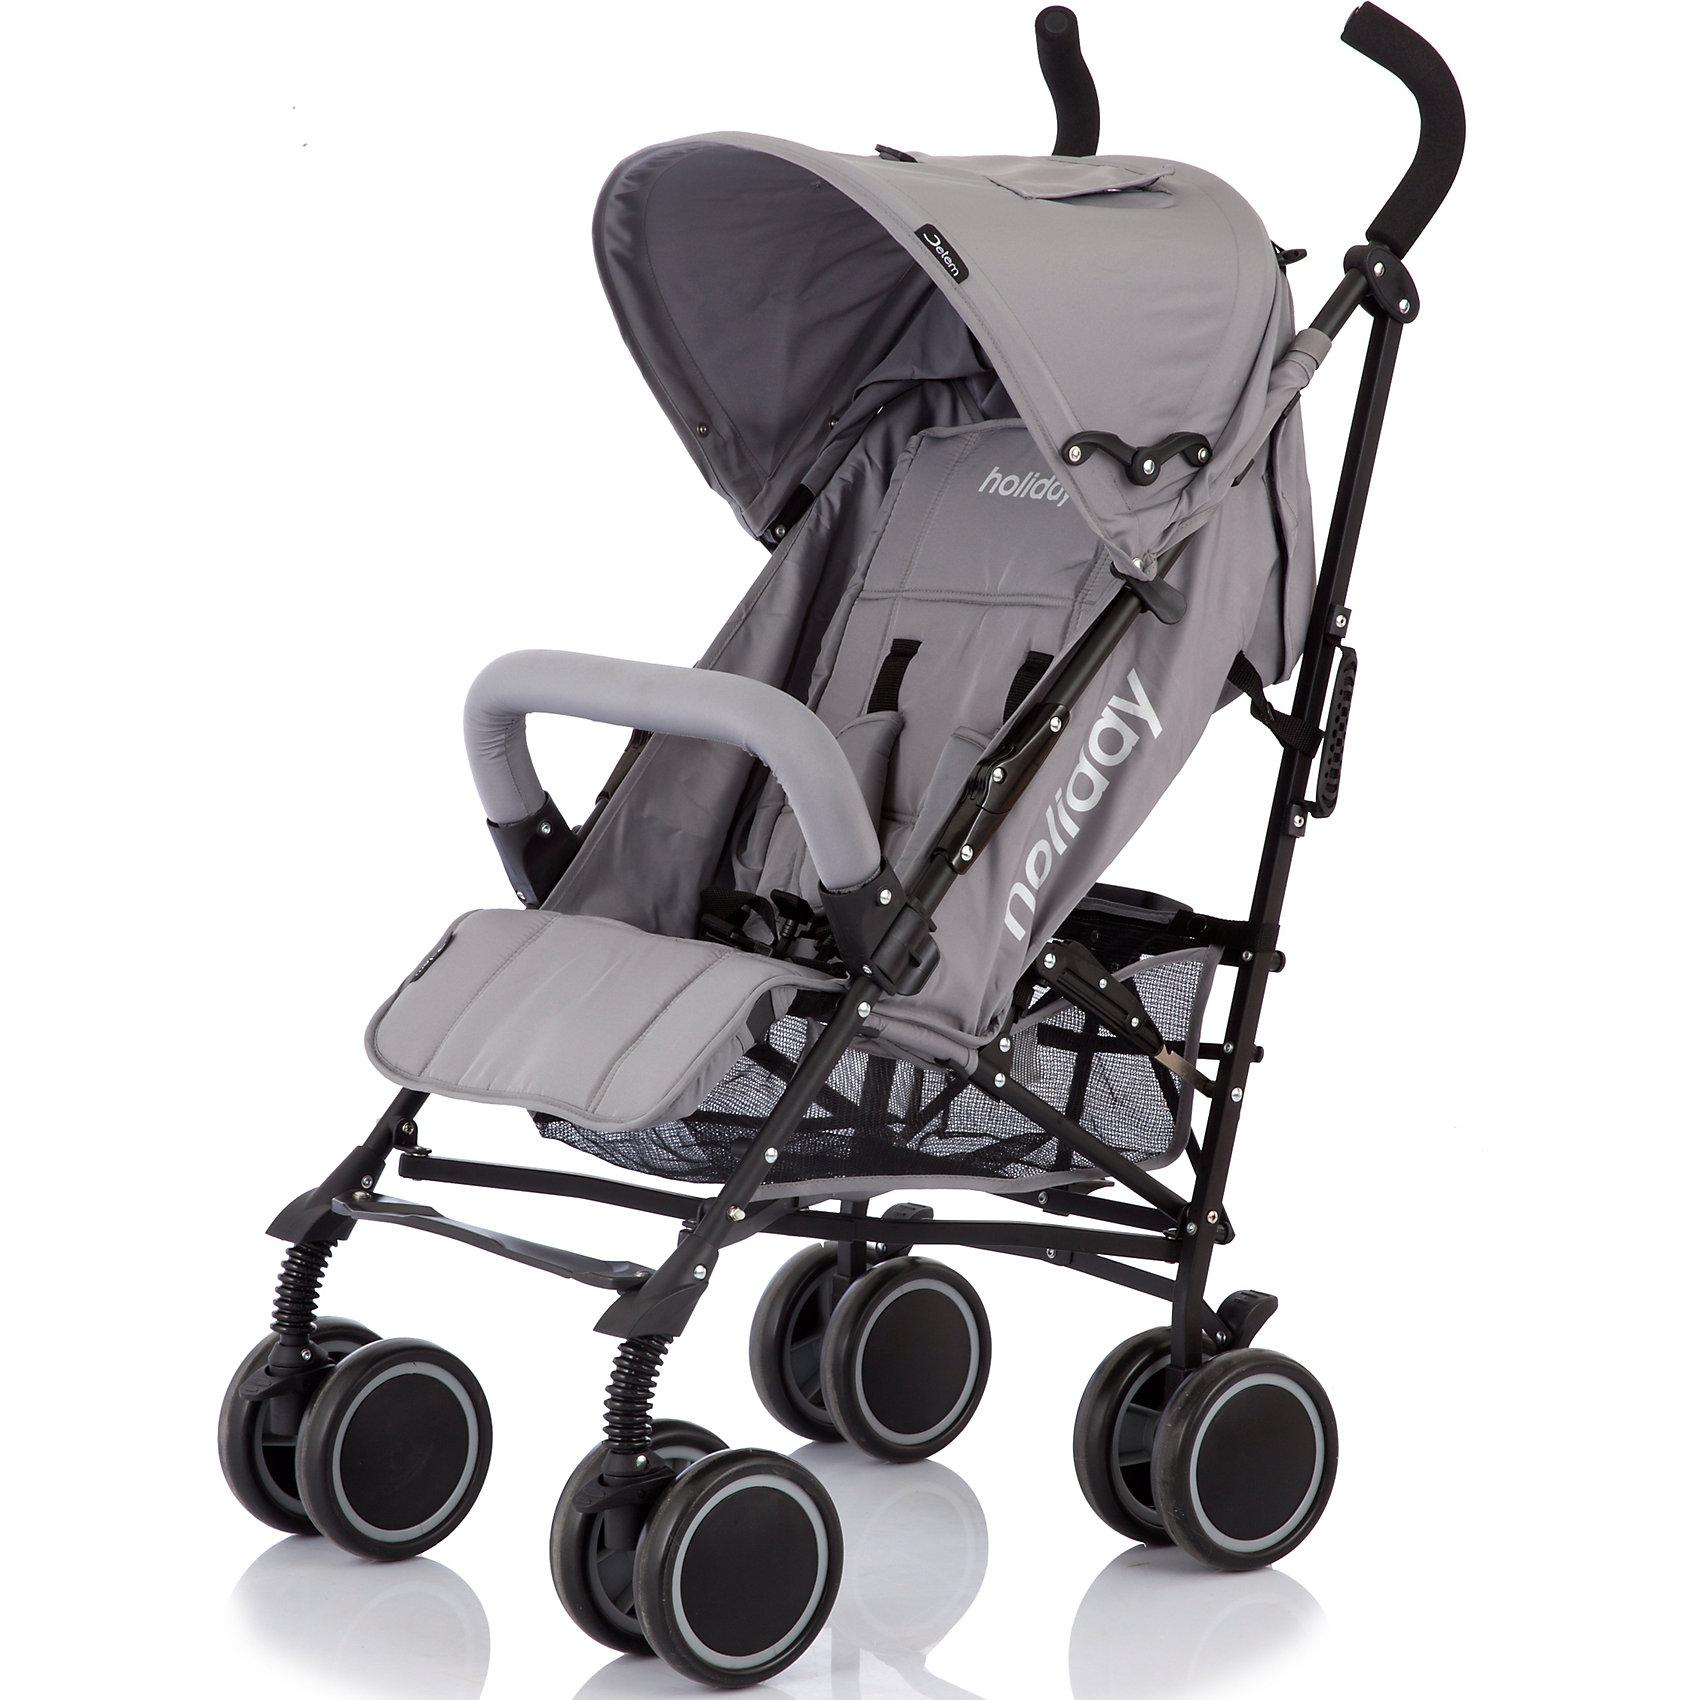 Коляска-трость Jetem Holiday, серыйНедорогие коляски<br>Jetem Holiday – современная, легкая, компактная, прочная и надежная коляска-трость. Металлическая рама и система амортизации обеспечивают прочность и комфорт при передвижении. Коляска имеет простой, удобный механизм складывания - занимает мало места при хранении; ее удобно перевозить в общественном транспорте, автомобиле. Большой капюшон опускается до бампера, спинка может принимать горизонтальное положение, а сдвоенные мягкие плавающие  колеса обеспечивают плавный ход и хорошую проходимость. 5-титочечные ремни безопасности, съемный бампер перед ребенком и смотровые окошки в капюшоне гарантируют безопасное и комфортное передвижение. <br><br>Дополнительная информация:<br><br>- Комплектация: коляска, чехол на ножки.<br>- Материал: металл, пластик, текстиль.<br>- Размер: 63х48х107 см.<br>- Размер в сложенном виде: 35х35х115 см.<br>- Ширина шасси: 53 см.<br>- Размер сиденья: 32 см.<br>- Длина спального места: 65 см.<br>- Вес: 7,5 кг.<br>- Тип колес: пластиковые.<br>- Количество колес: 4 (сдвоенные).<br>- Диаметр колес: 15 см.<br>- Цвет: серый.<br>- Передние колеса поворотные, с возможностью блокировки.<br>- Система амортизации.<br>- Стояночный тормоз.<br>- 5-титочечные ремни безопасности.<br>- Съемный бампер.<br>- Регулировка спинки в 3 положениях (до 160 градусов).<br>- Козырек может опускаться до бампера.<br>- Регулируемая подножка.<br>- Вместительная корзина.<br>- Ручка для переноски в сложенном виде.<br><br>Коляску-трость Holiday, Jetem (Жетем), серую, можно купить в нашем магазине.<br><br>Ширина мм: 1080<br>Глубина мм: 250<br>Высота мм: 230<br>Вес г: 10500<br>Возраст от месяцев: 6<br>Возраст до месяцев: 36<br>Пол: Унисекс<br>Возраст: Детский<br>SKU: 3995779